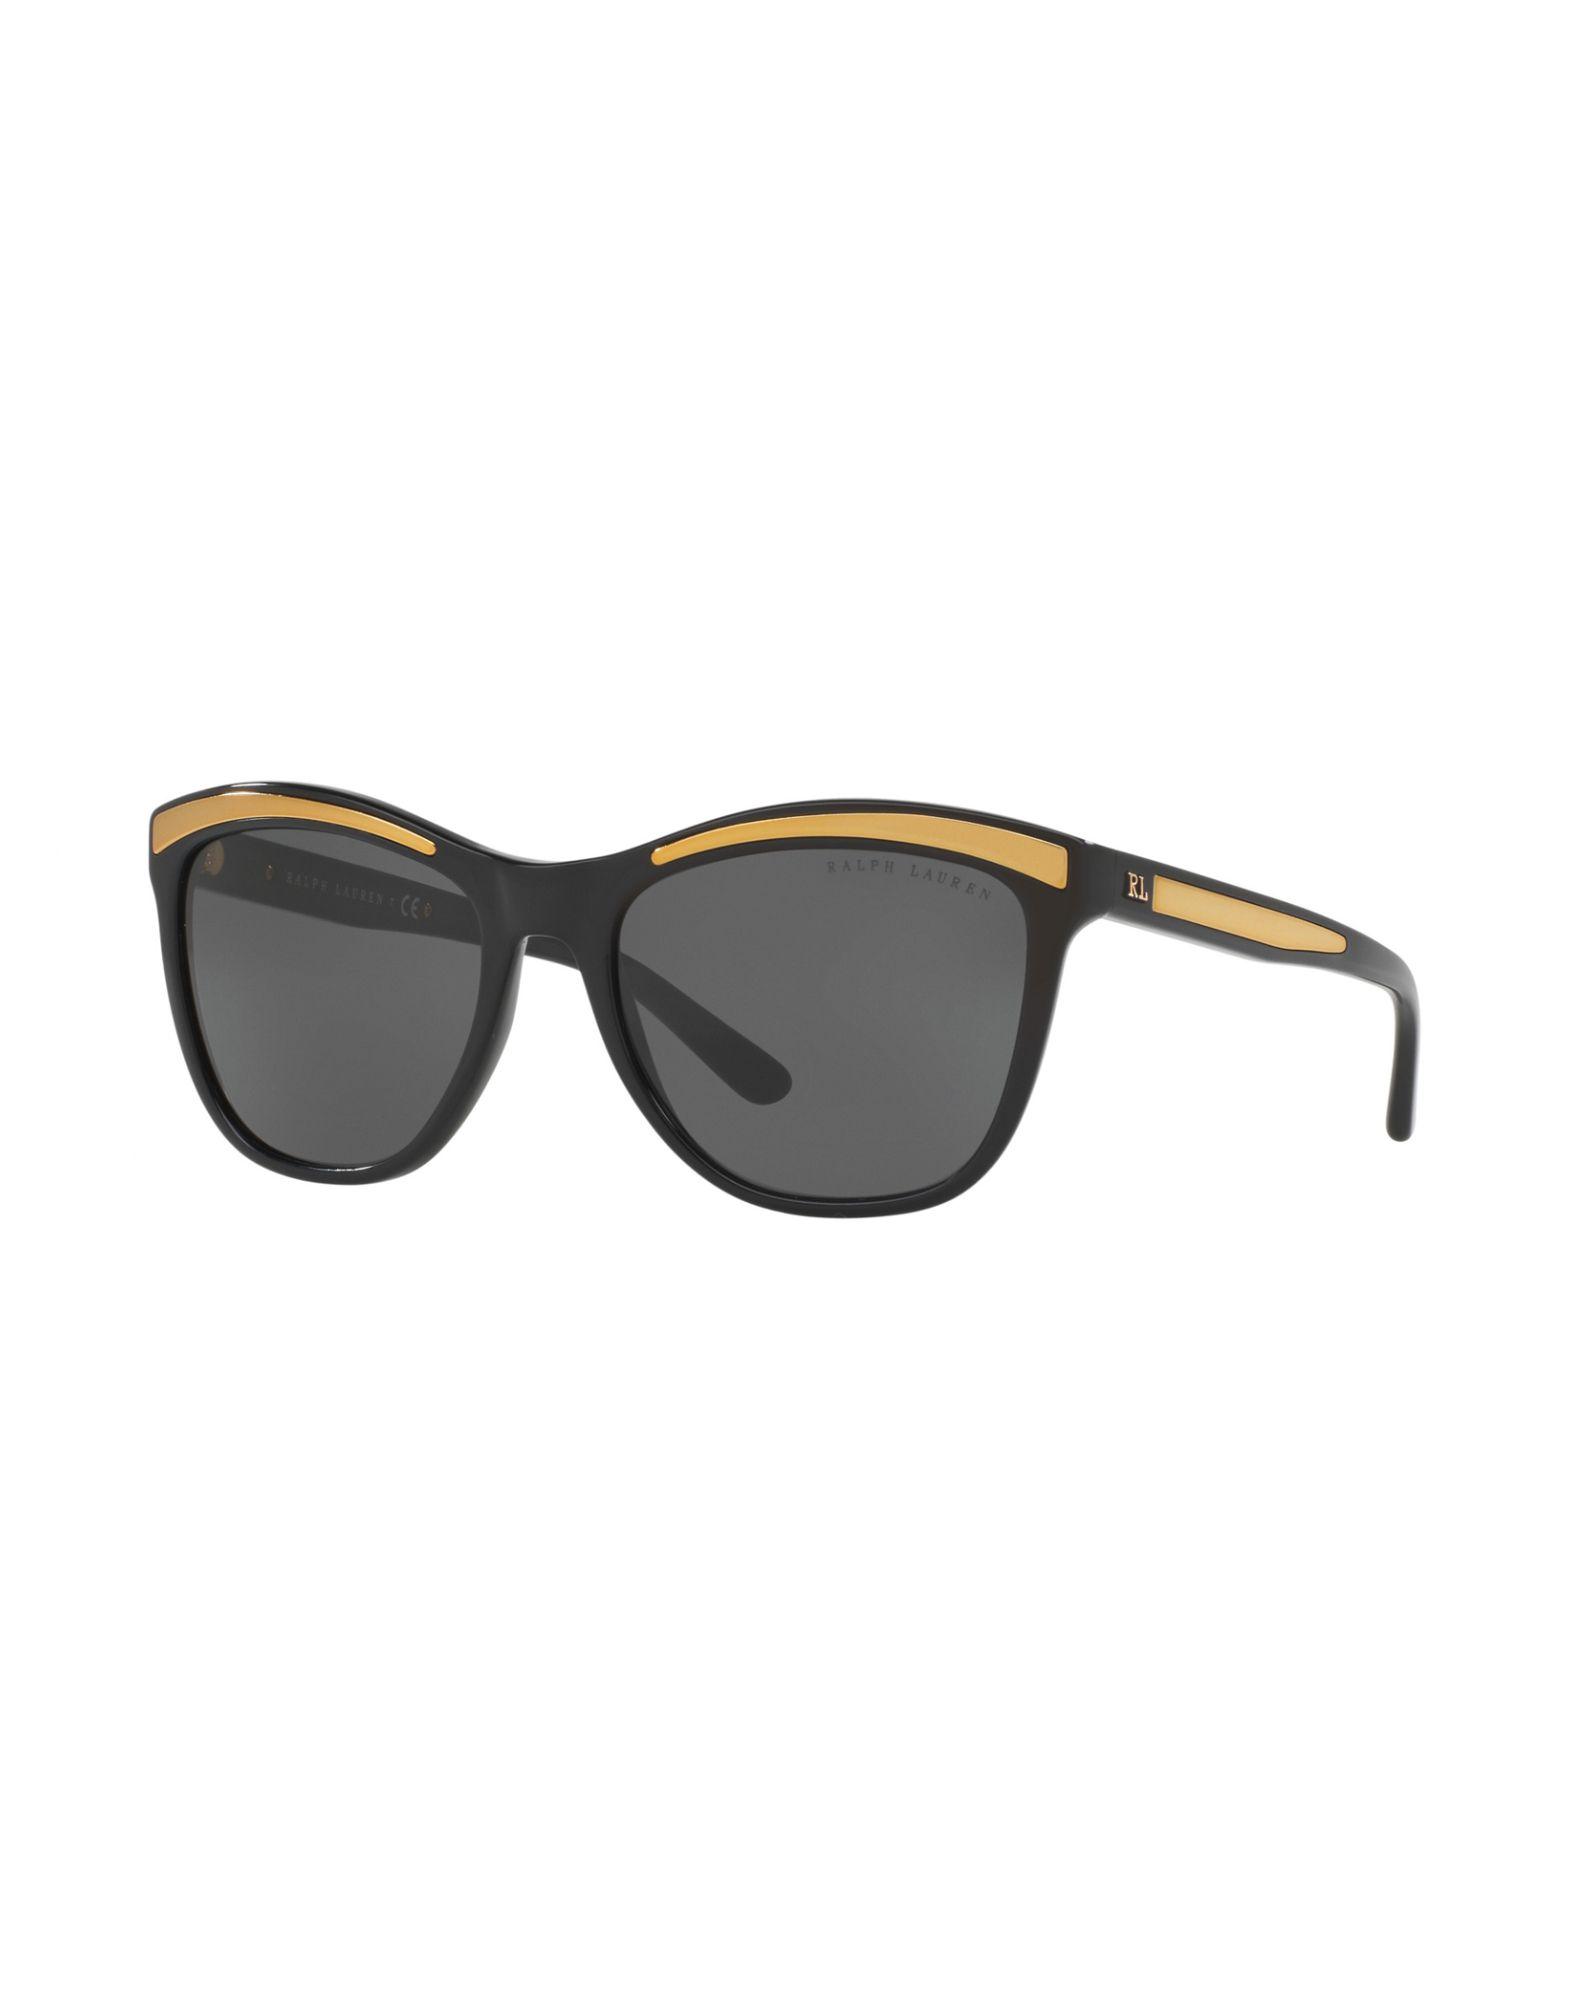 Occhiali Da Sole Ralph Lauren Rl8150 - Donna - Acquista online su